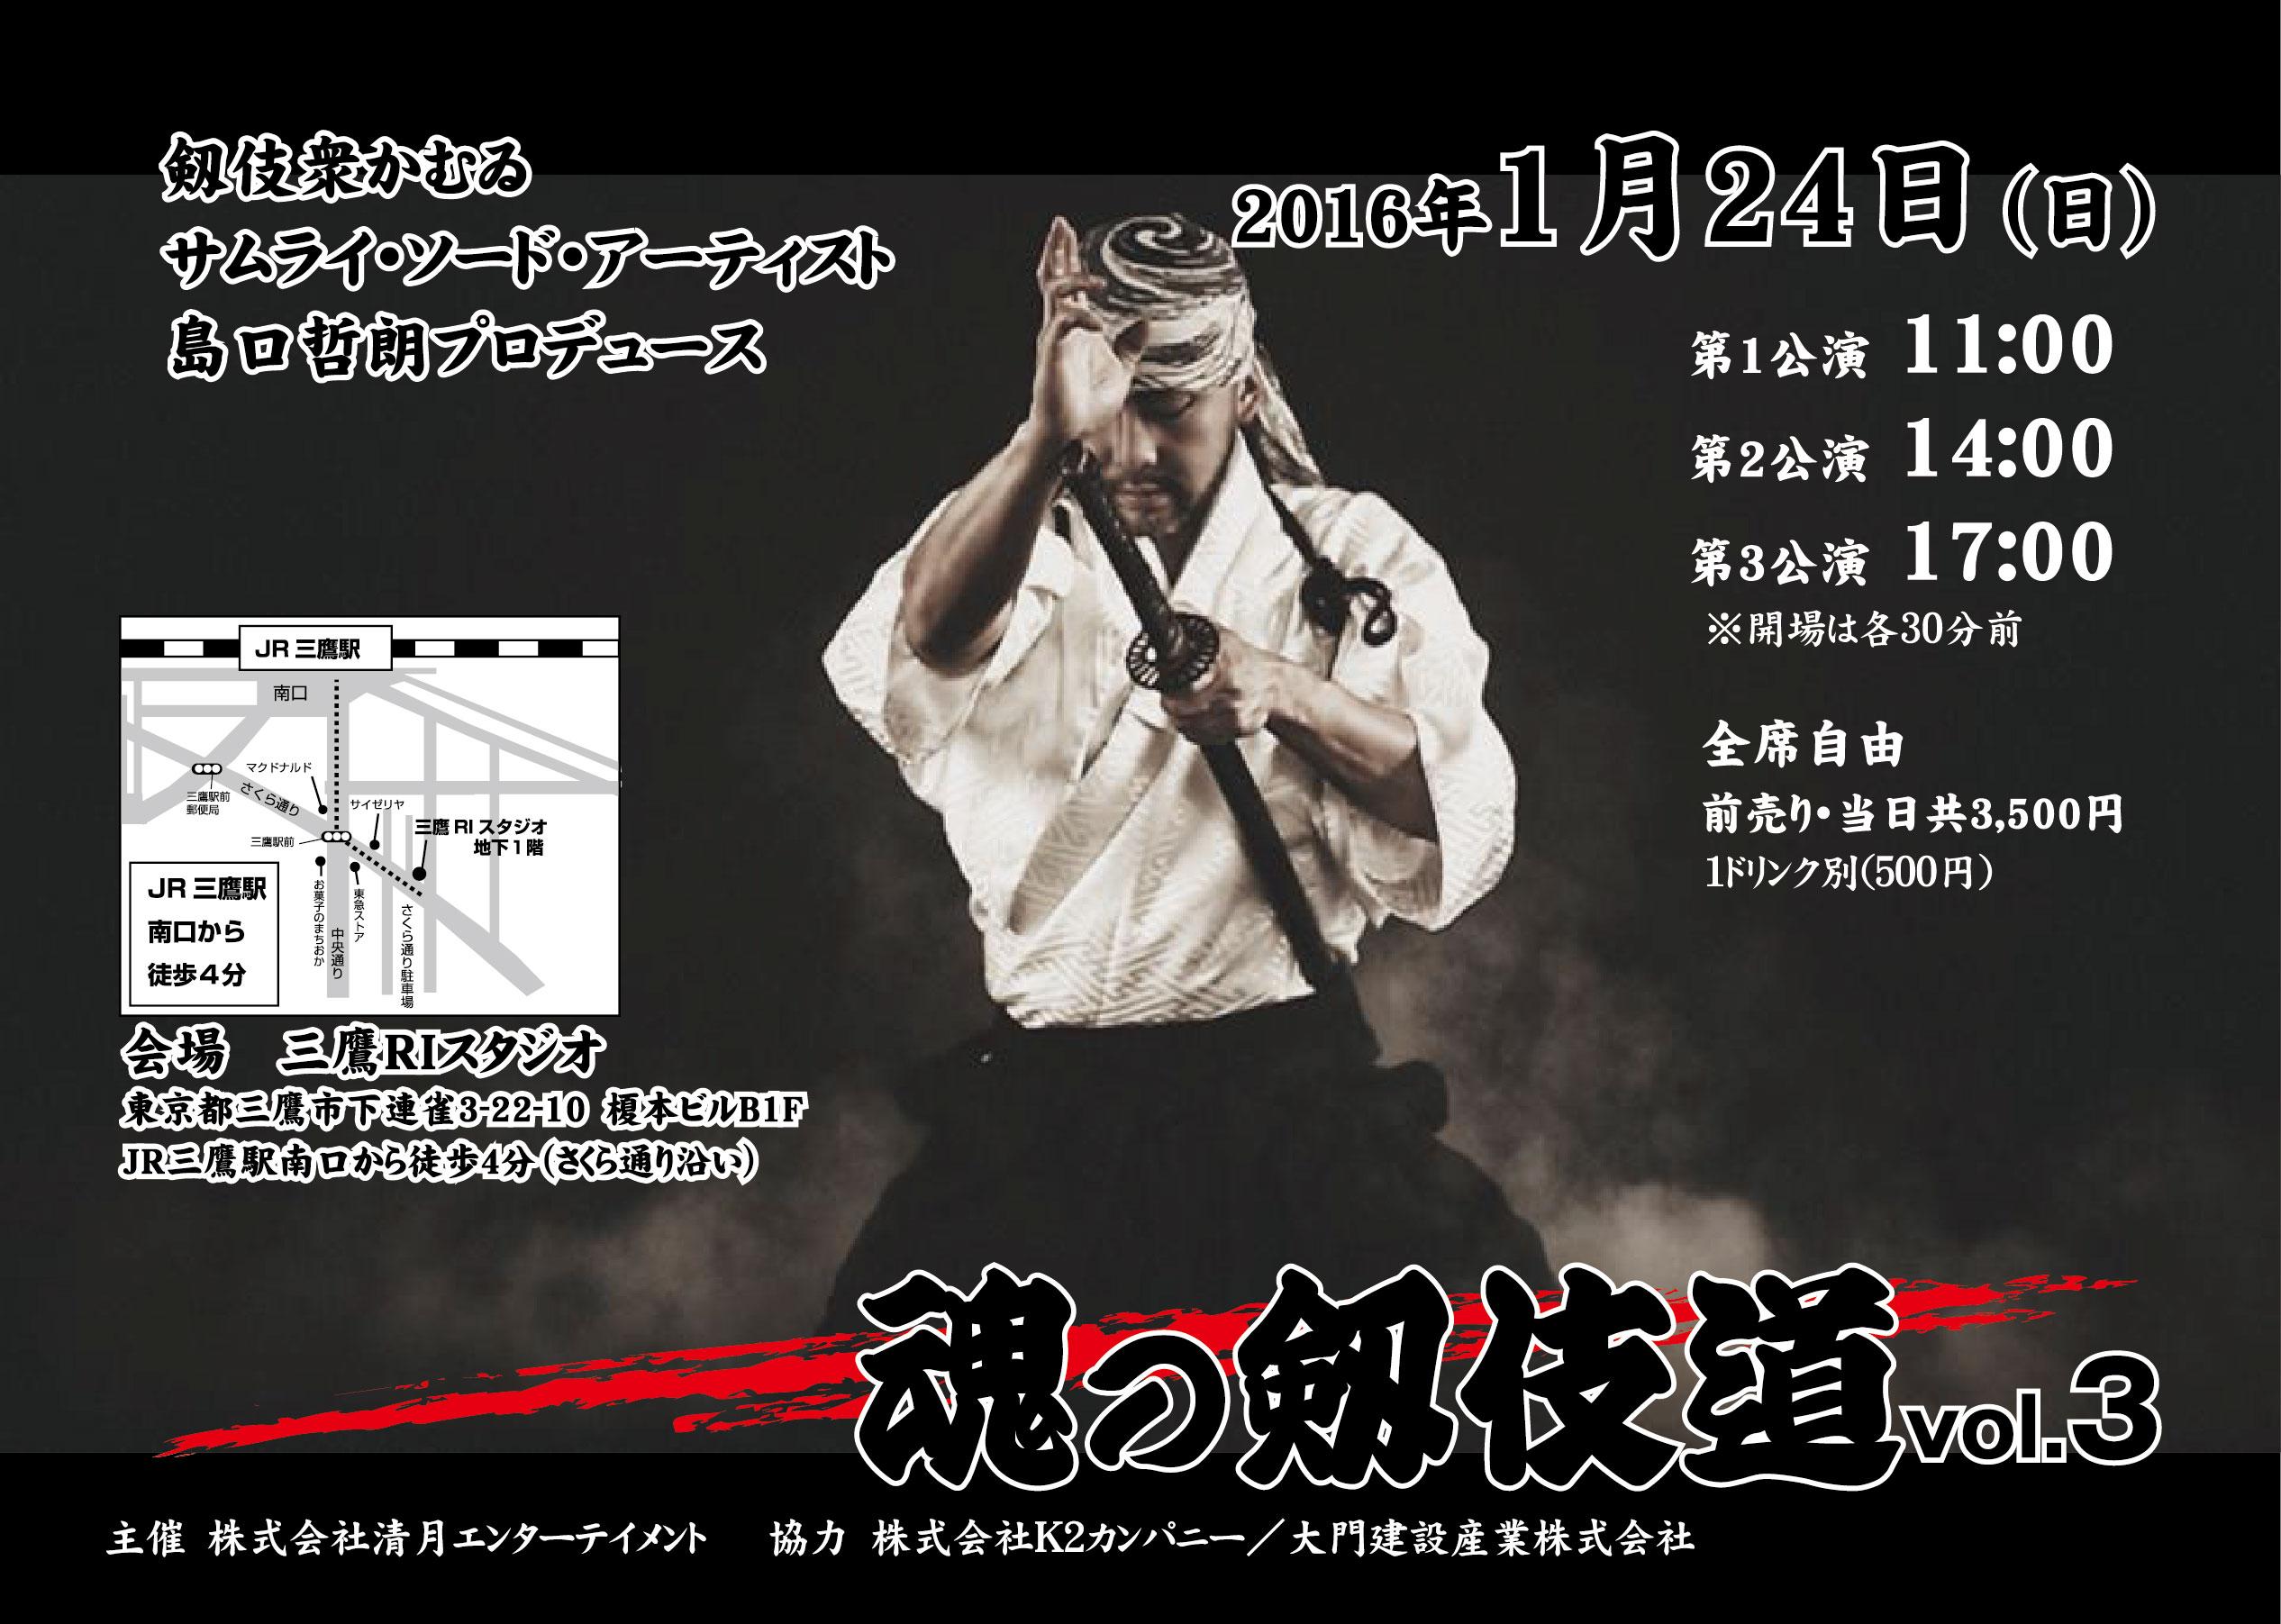 殺陣舞台「魂の剱伎道vol.3」〔1月24日(日)〕